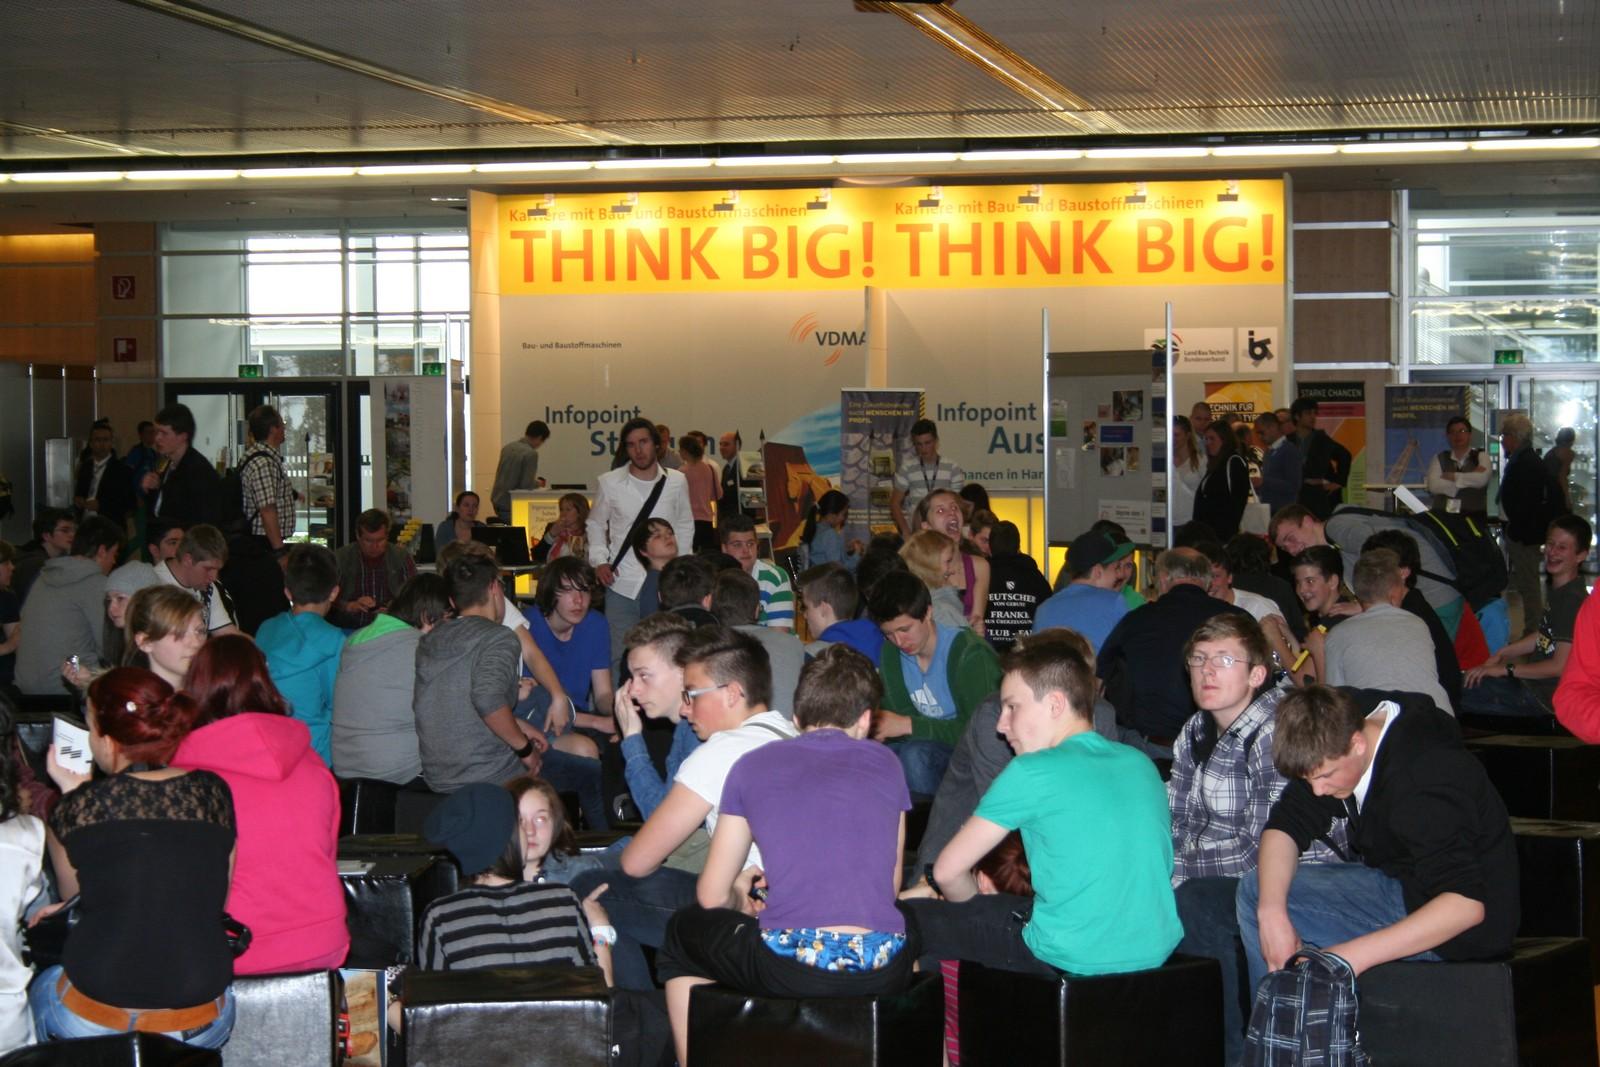 Bei Think Big!, der Ausbildungsinitiative von VDA und Messe München, herrscht viel Andrang.